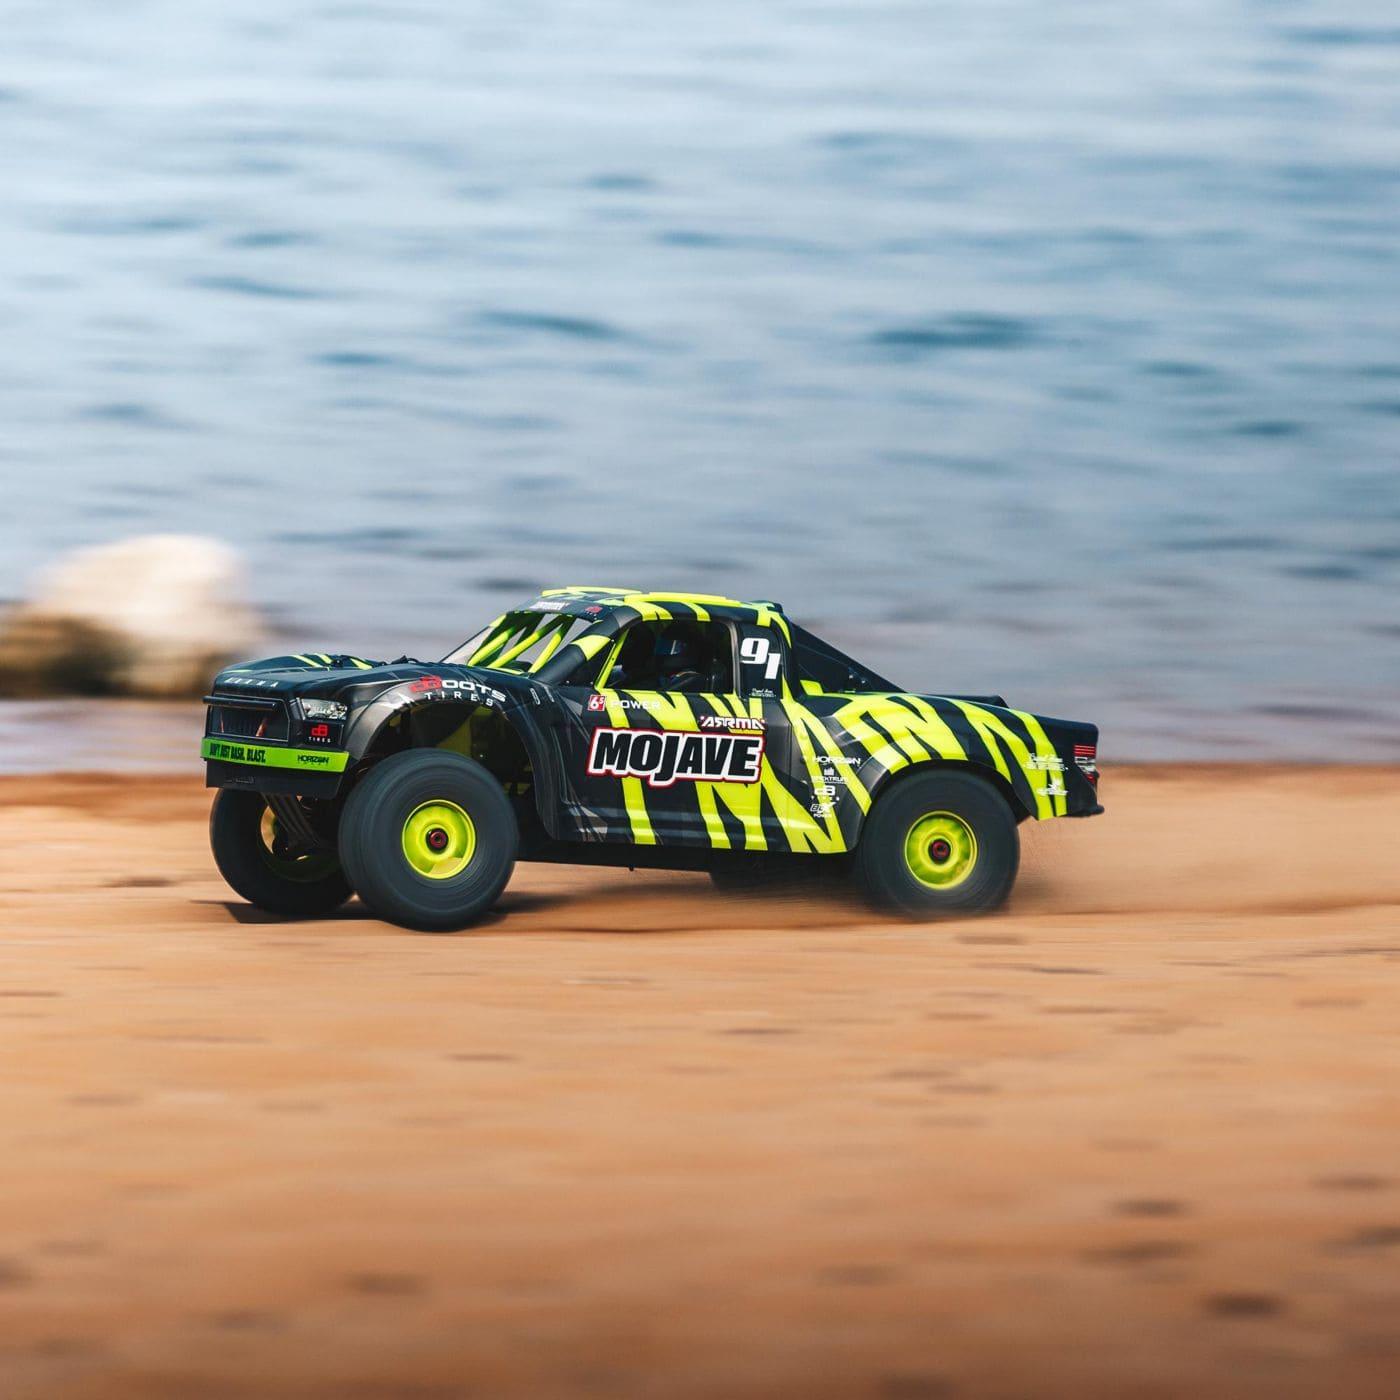 ARRMA Mojave 6S BLX Desert Truck - Action